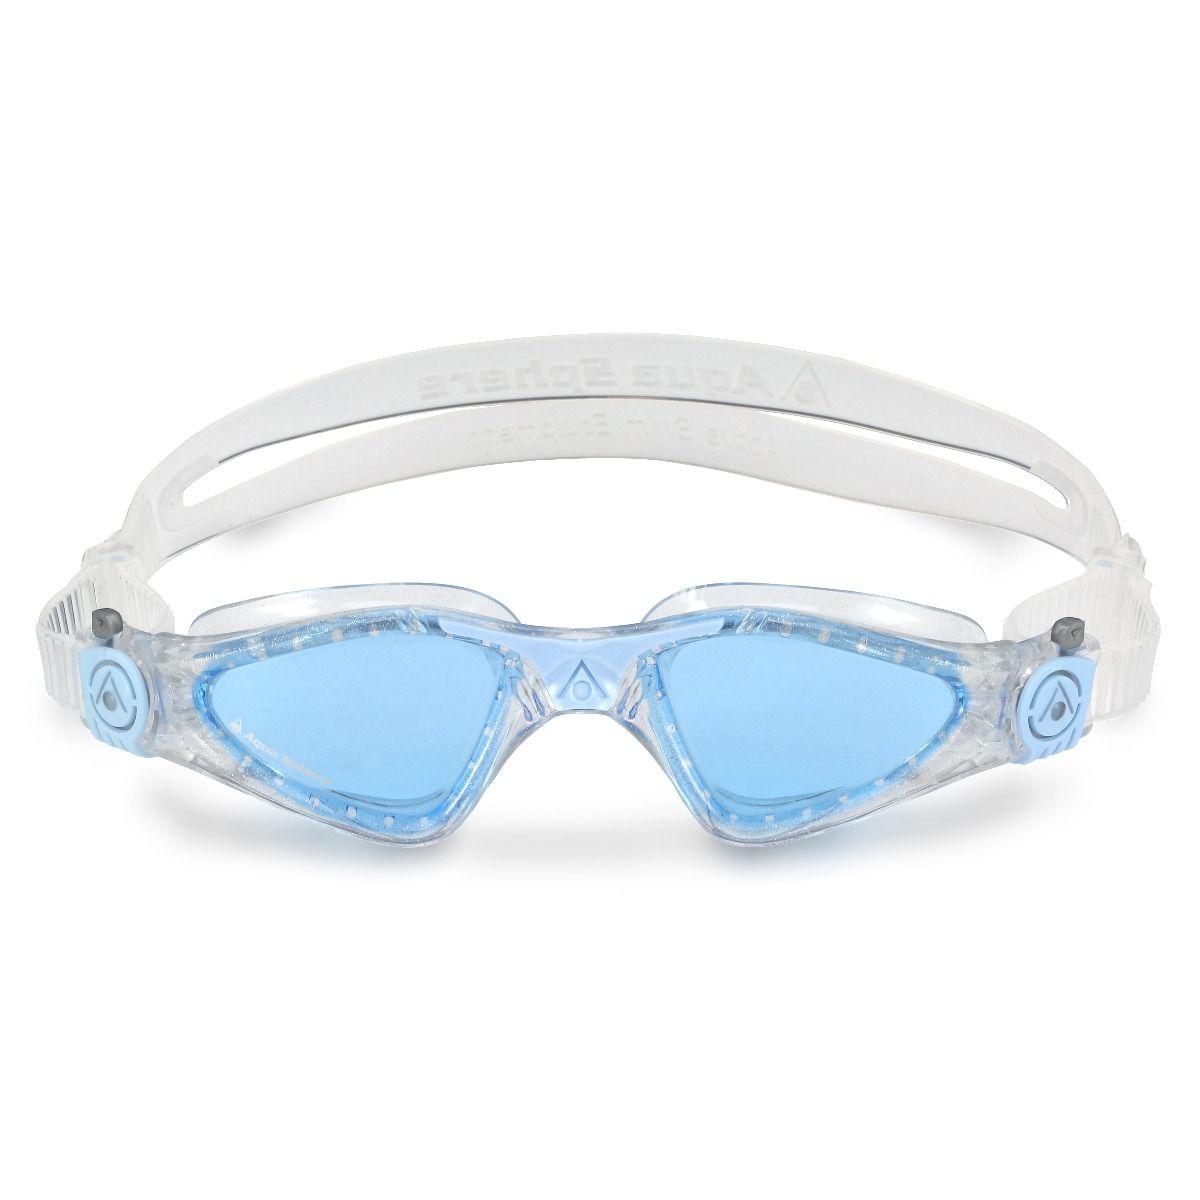 2e40faf9b79 Aqua Sphere Kayenne Blue Lens Womens Swimming Goggles - Swimspace